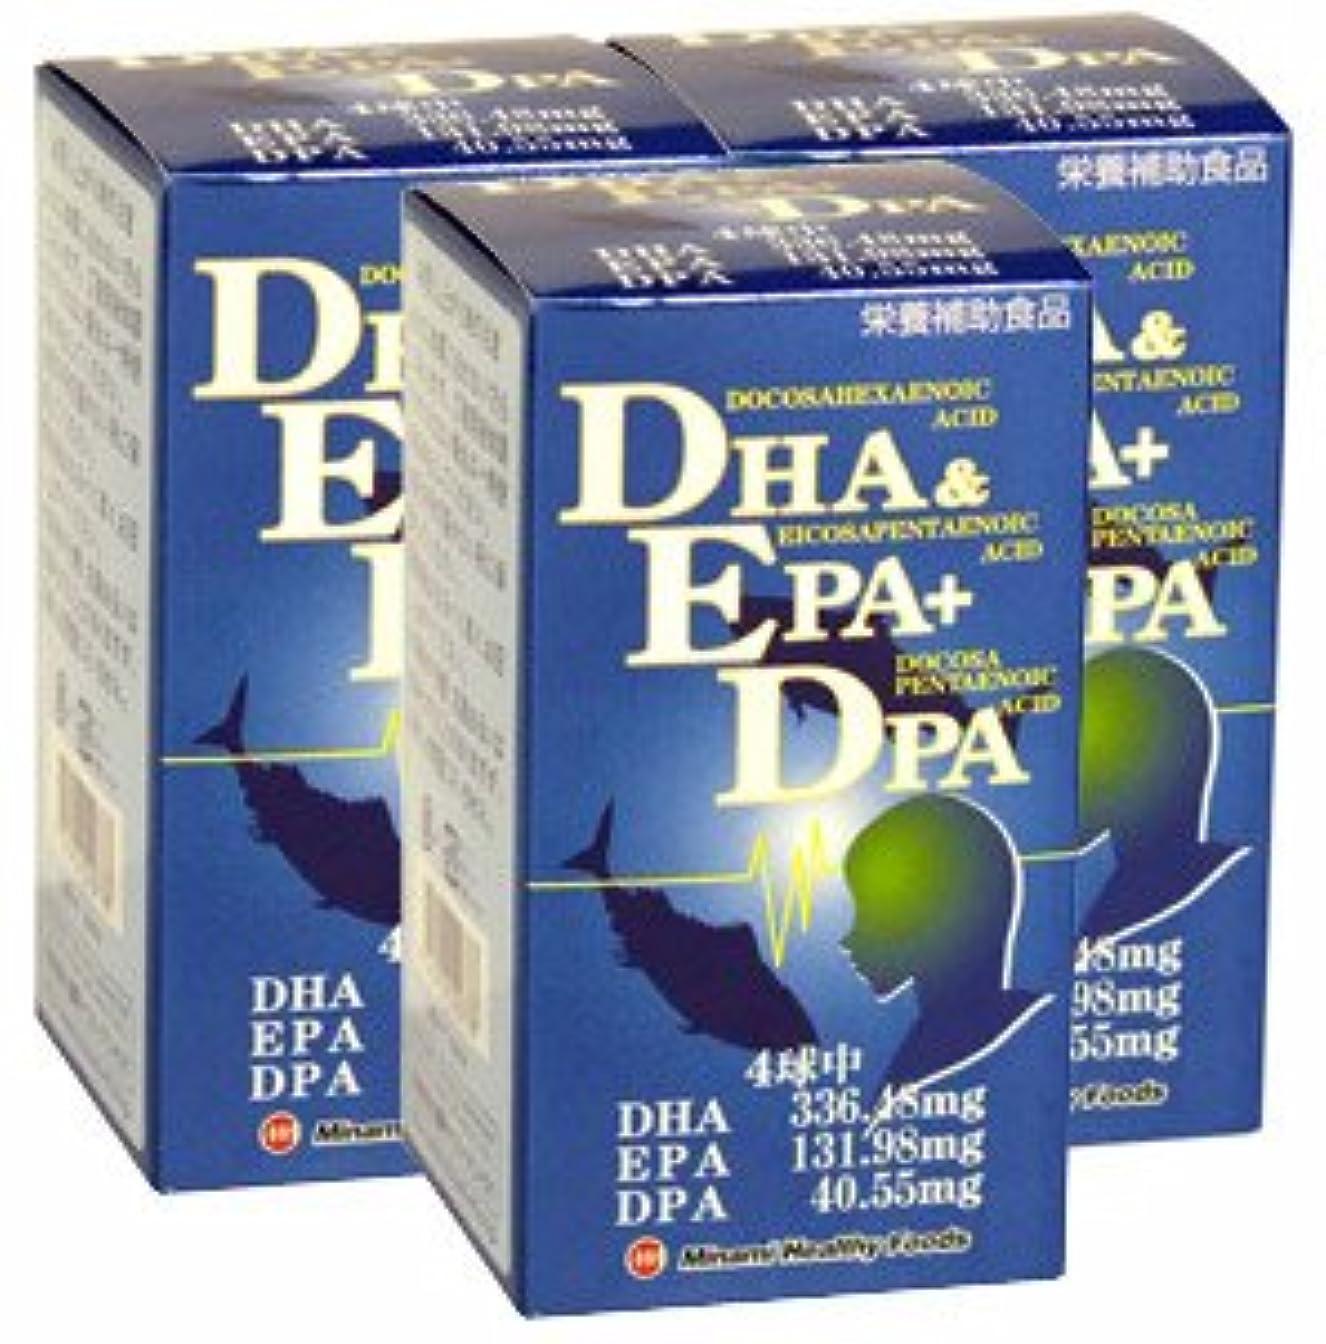 対立ピケかわいらしいDHA&EPA+DPA【3本セット】ミナミヘルシーフーズ